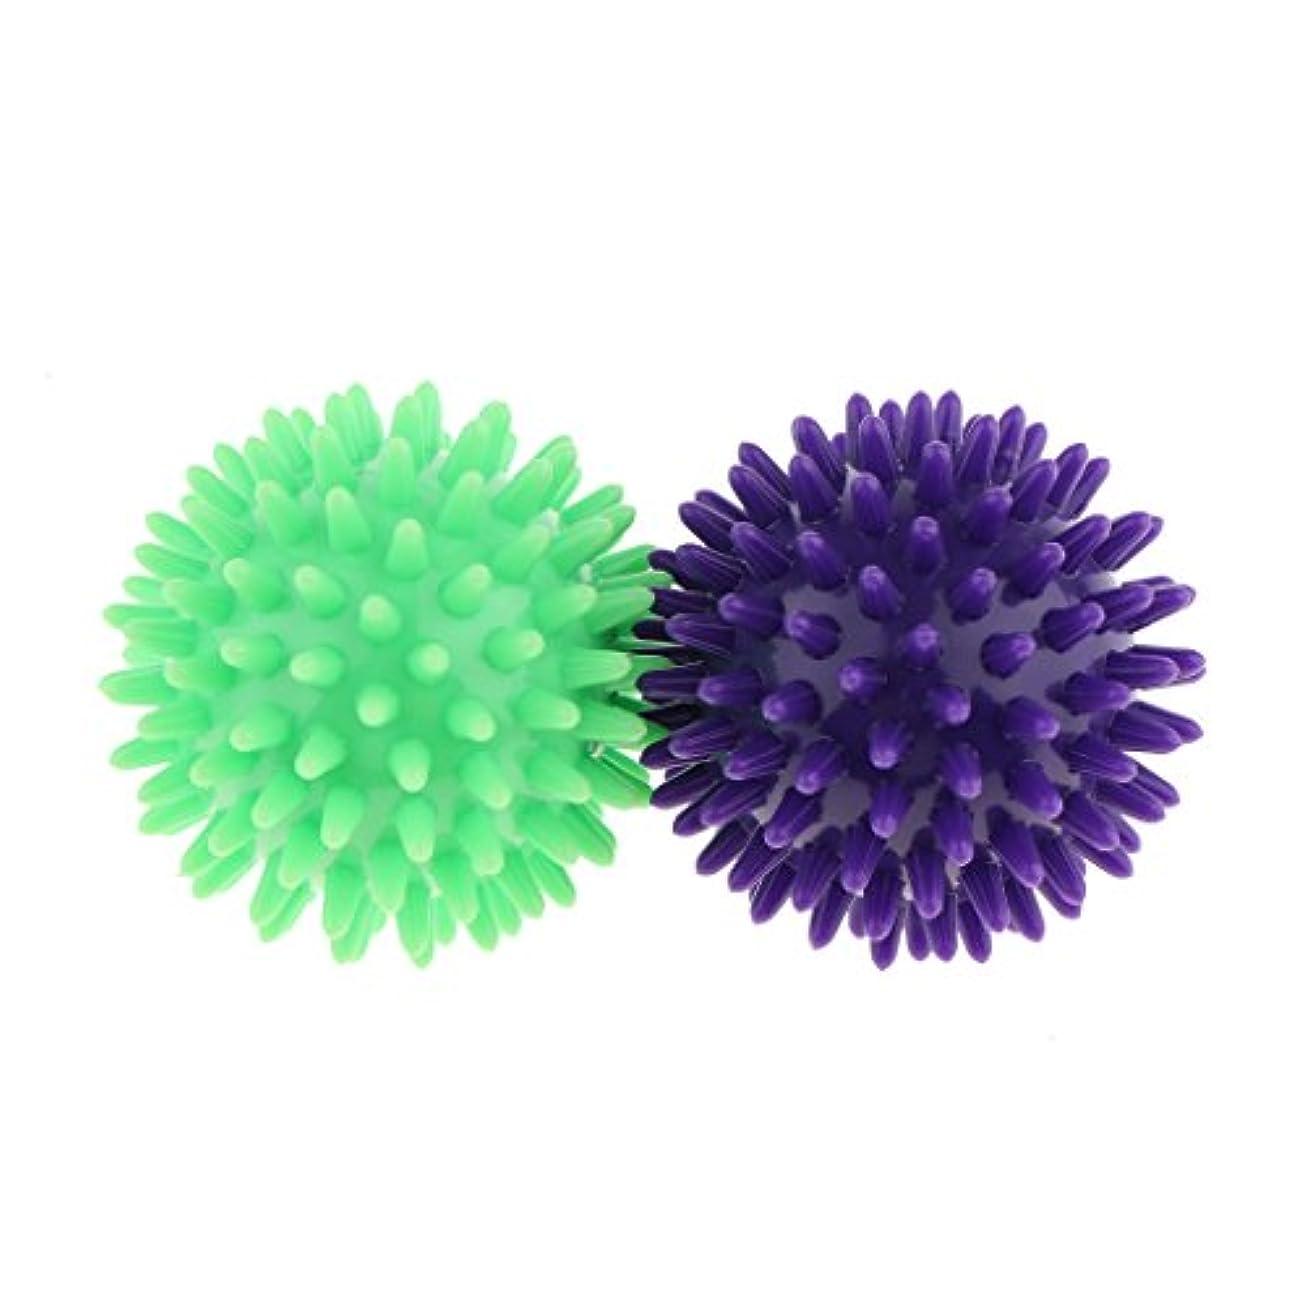 冷える勝者ゴールマッサージボール スパイシー マッサージ ボール ボディトリガー ポイント 2個セット 3タイプ選べ - 紫ライトグリーン